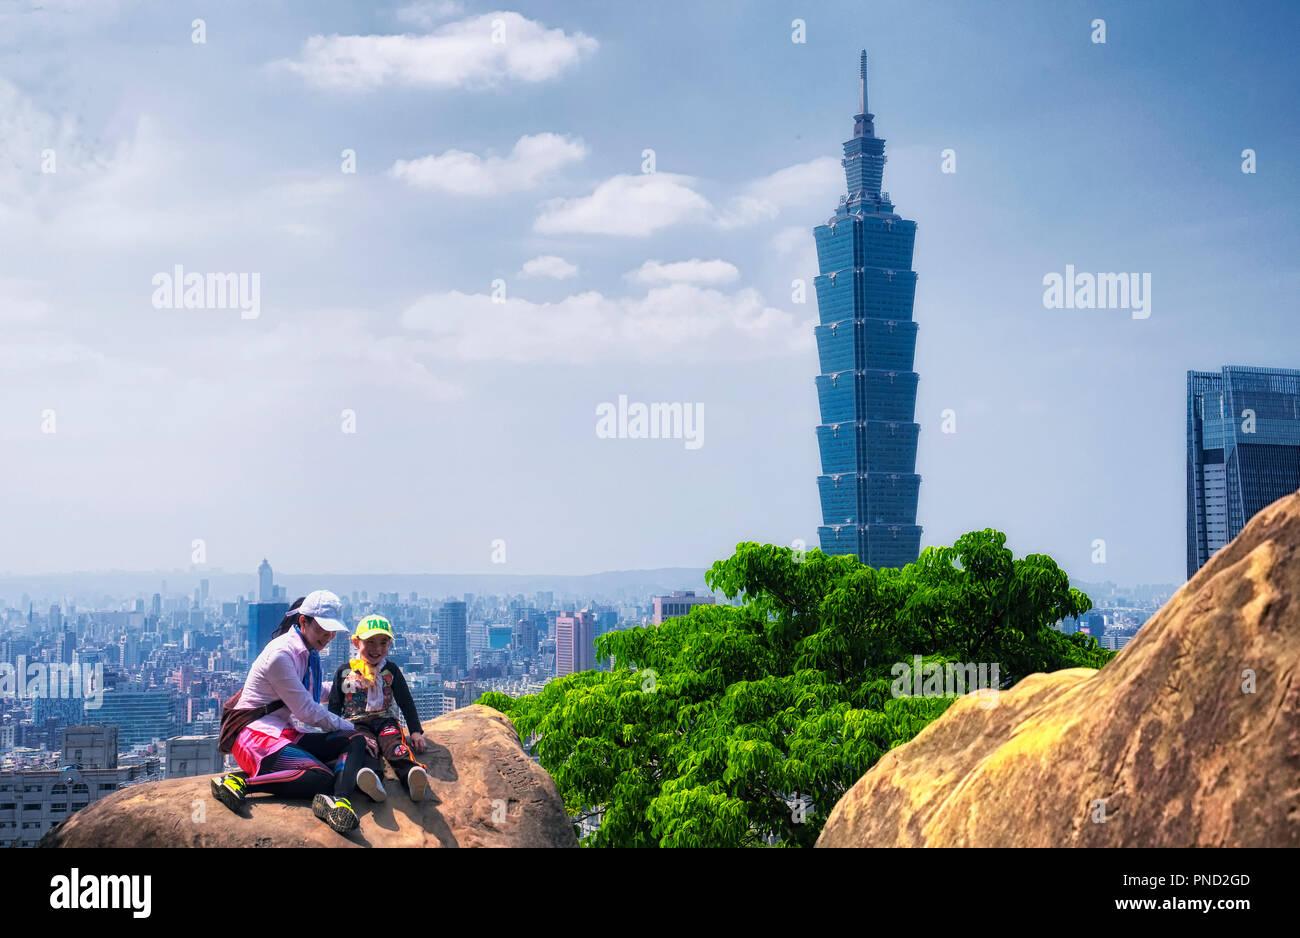 Il 1 aprile 2018. Taipei, Taiwan. Una madre e figlia in posa sulle rocce con Taipei 101 landmark building sollevandosi al di sopra di architettura generica nella città Immagini Stock